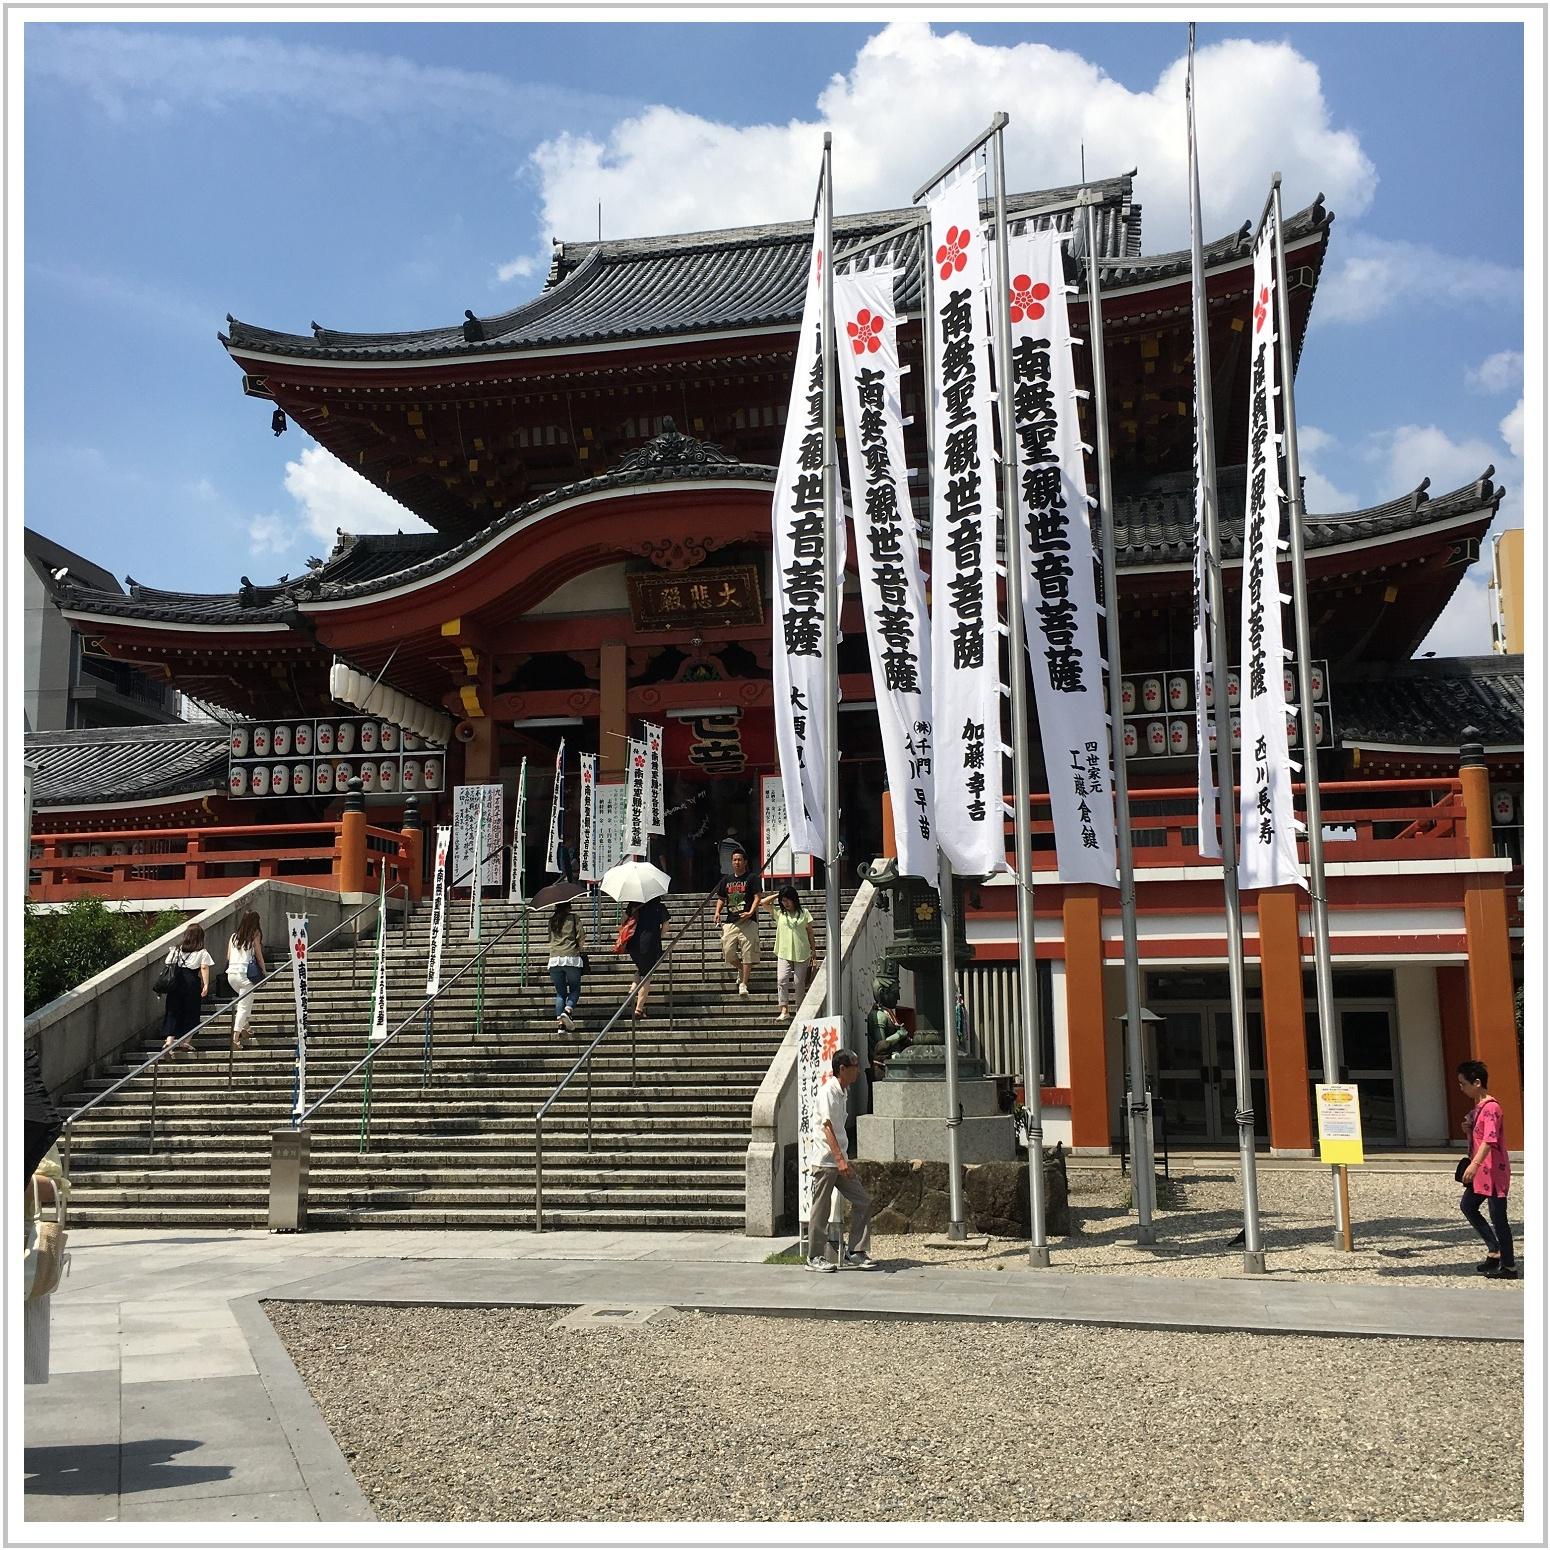 nagoya_18_805.jpg